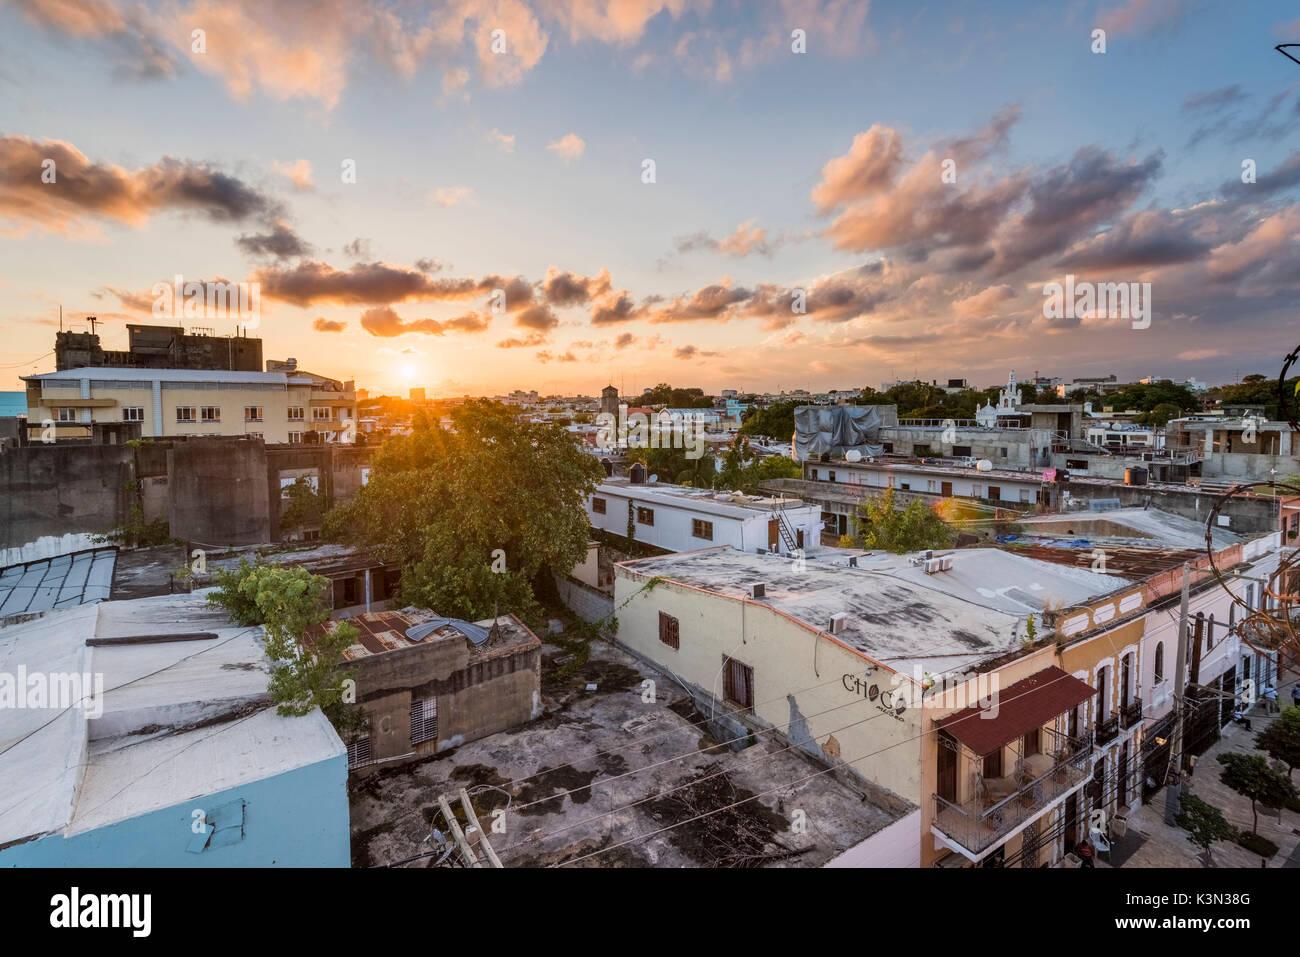 Zona Colonial (Ciudad Colonial), Santo Domingo, República Dominicana. Paisaje al atardecer. Imagen De Stock